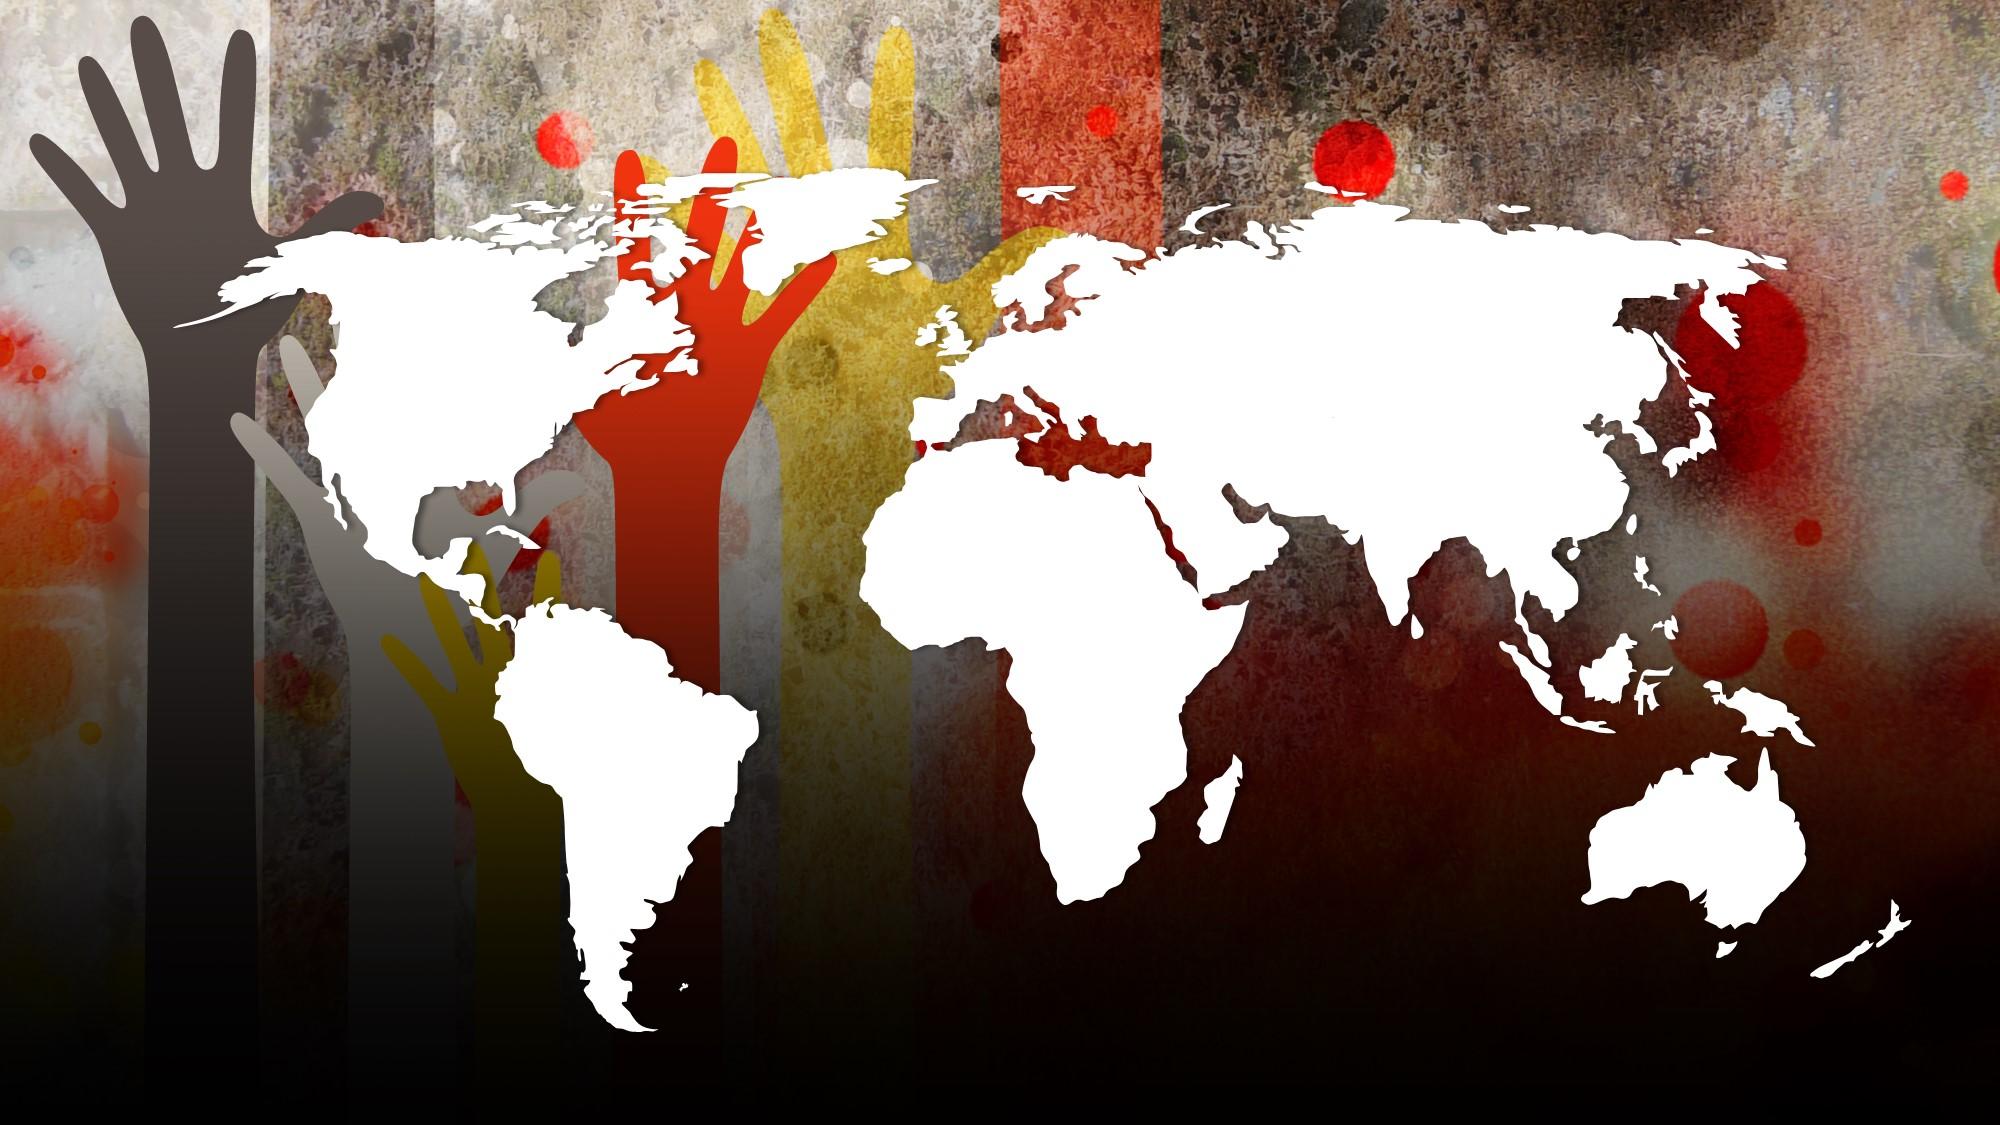 world map for social concern slide